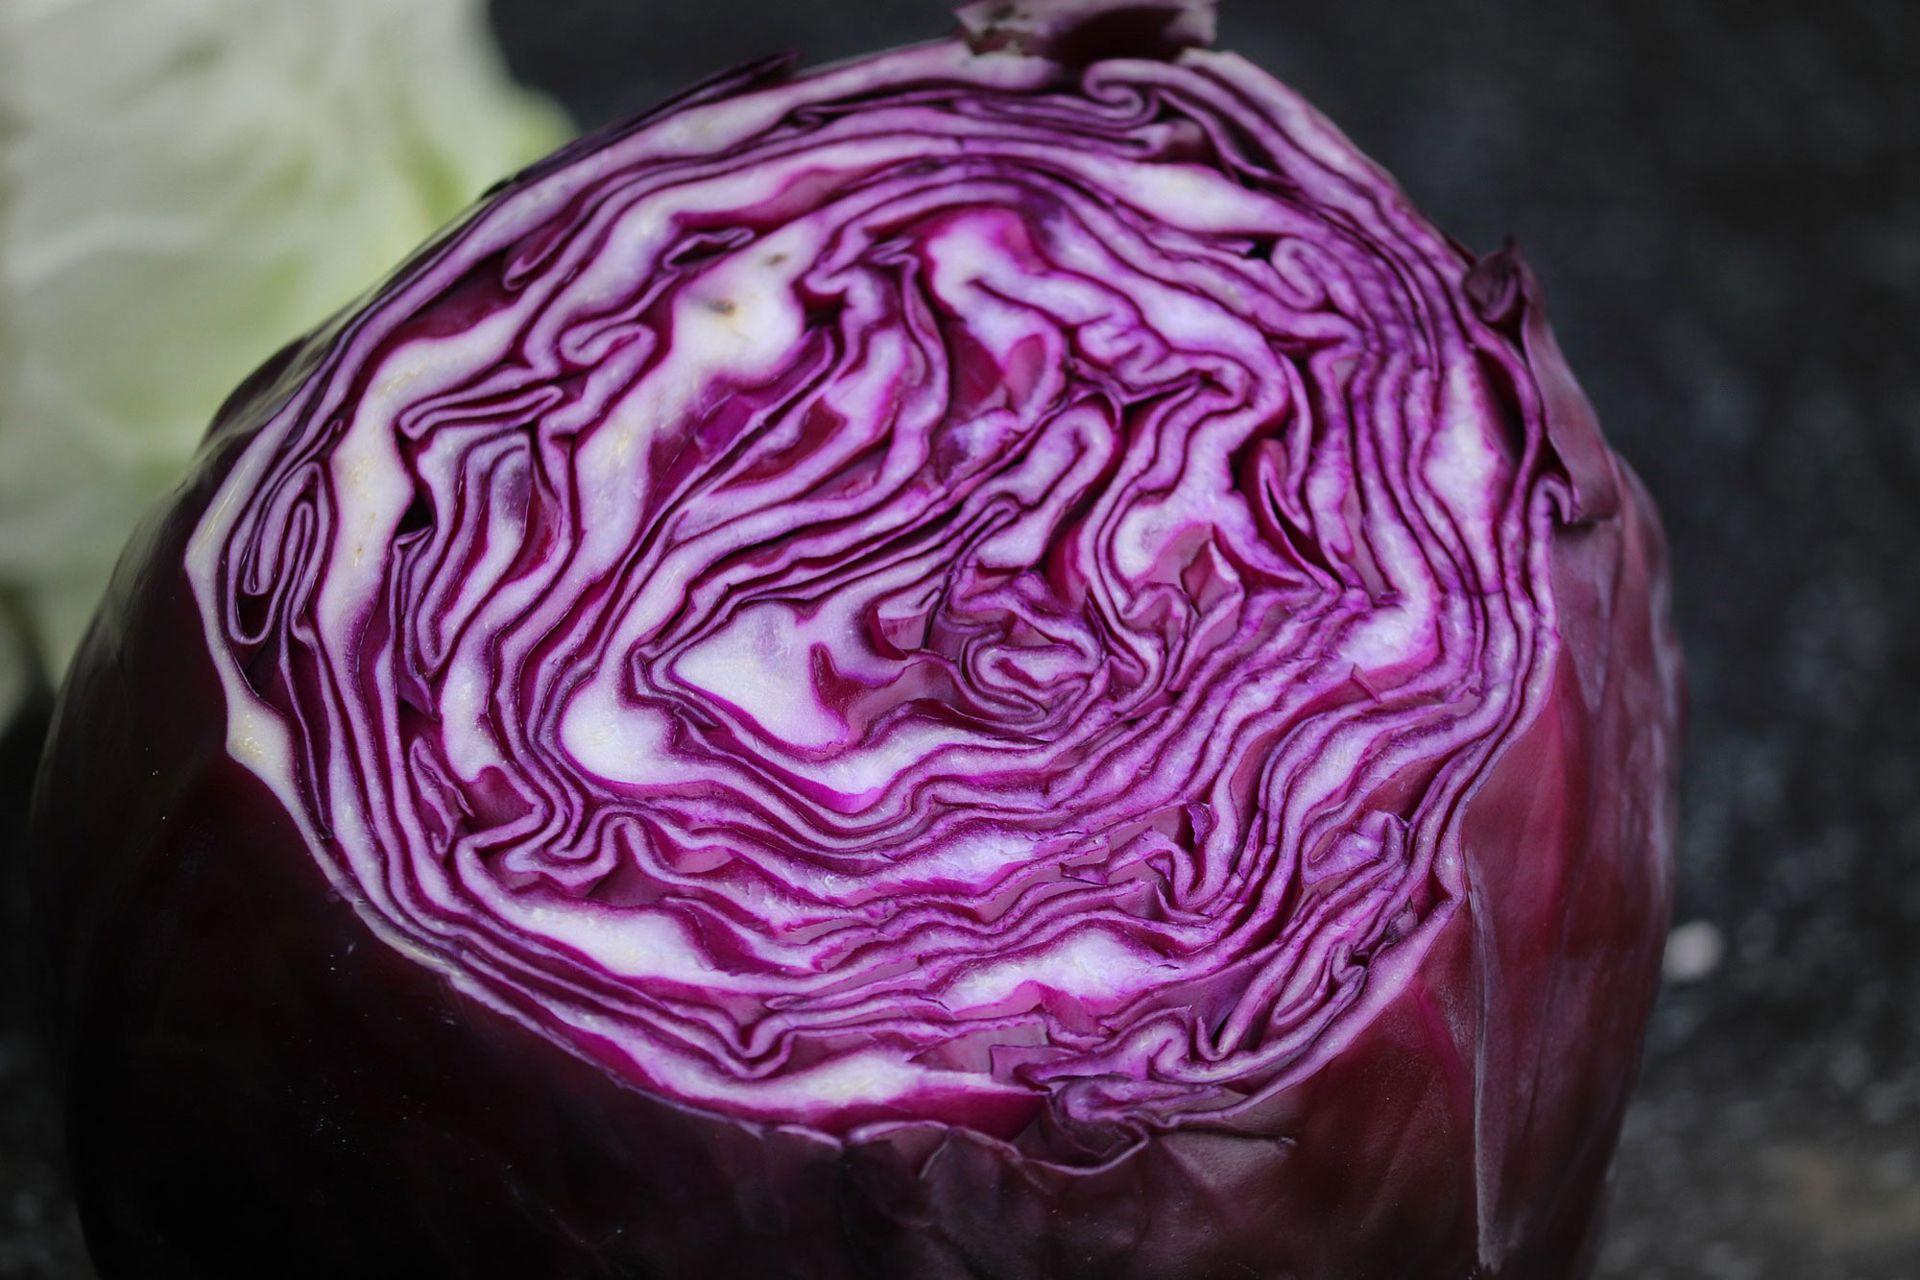 El lila pide un poco más de cocción que el resto de las especies de repollo. Se puede preparar con chuletas de cerdo doradas, manzanas en gajos caramelizadas con un poquito de azúcar, cocidos todos junto con el repollo en vino tinto.